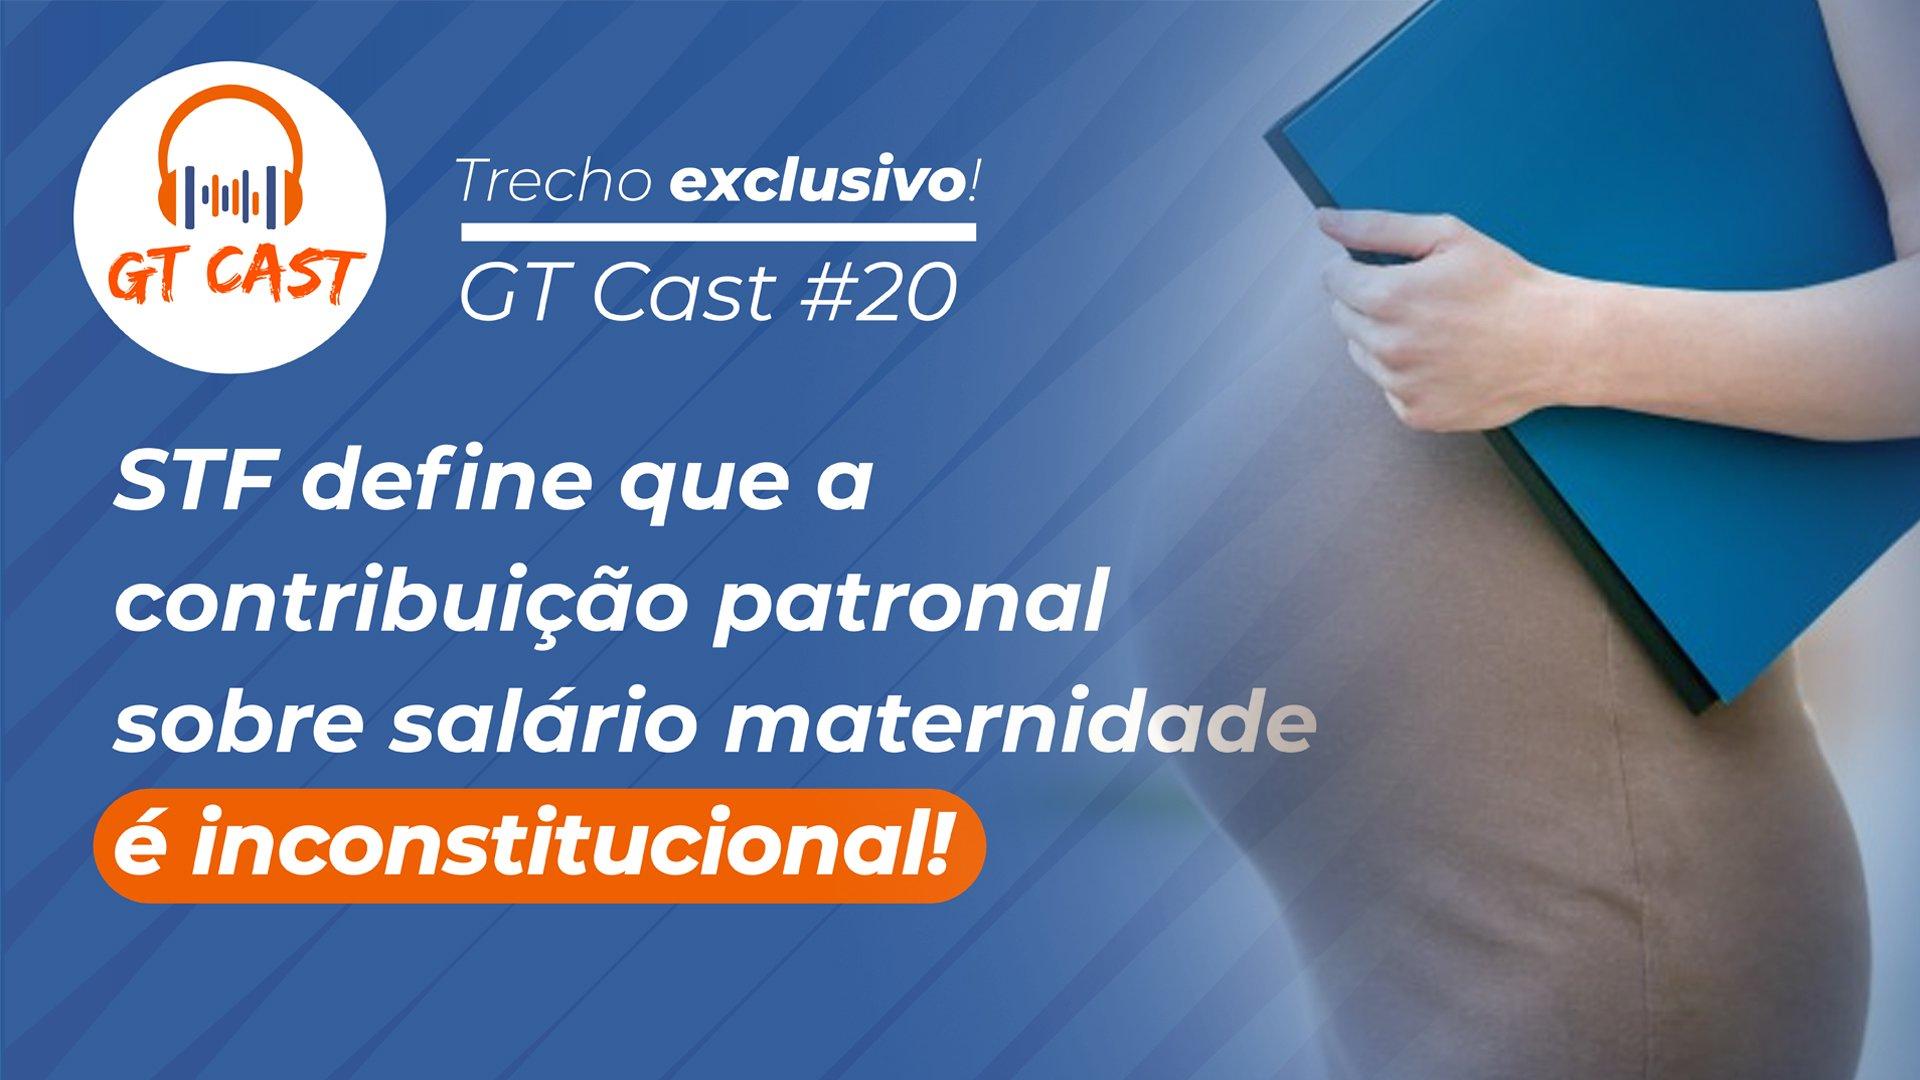 stf-define-que-a-contribuicao-patronal-sobre-salario-maternidade-e-inconstitucional